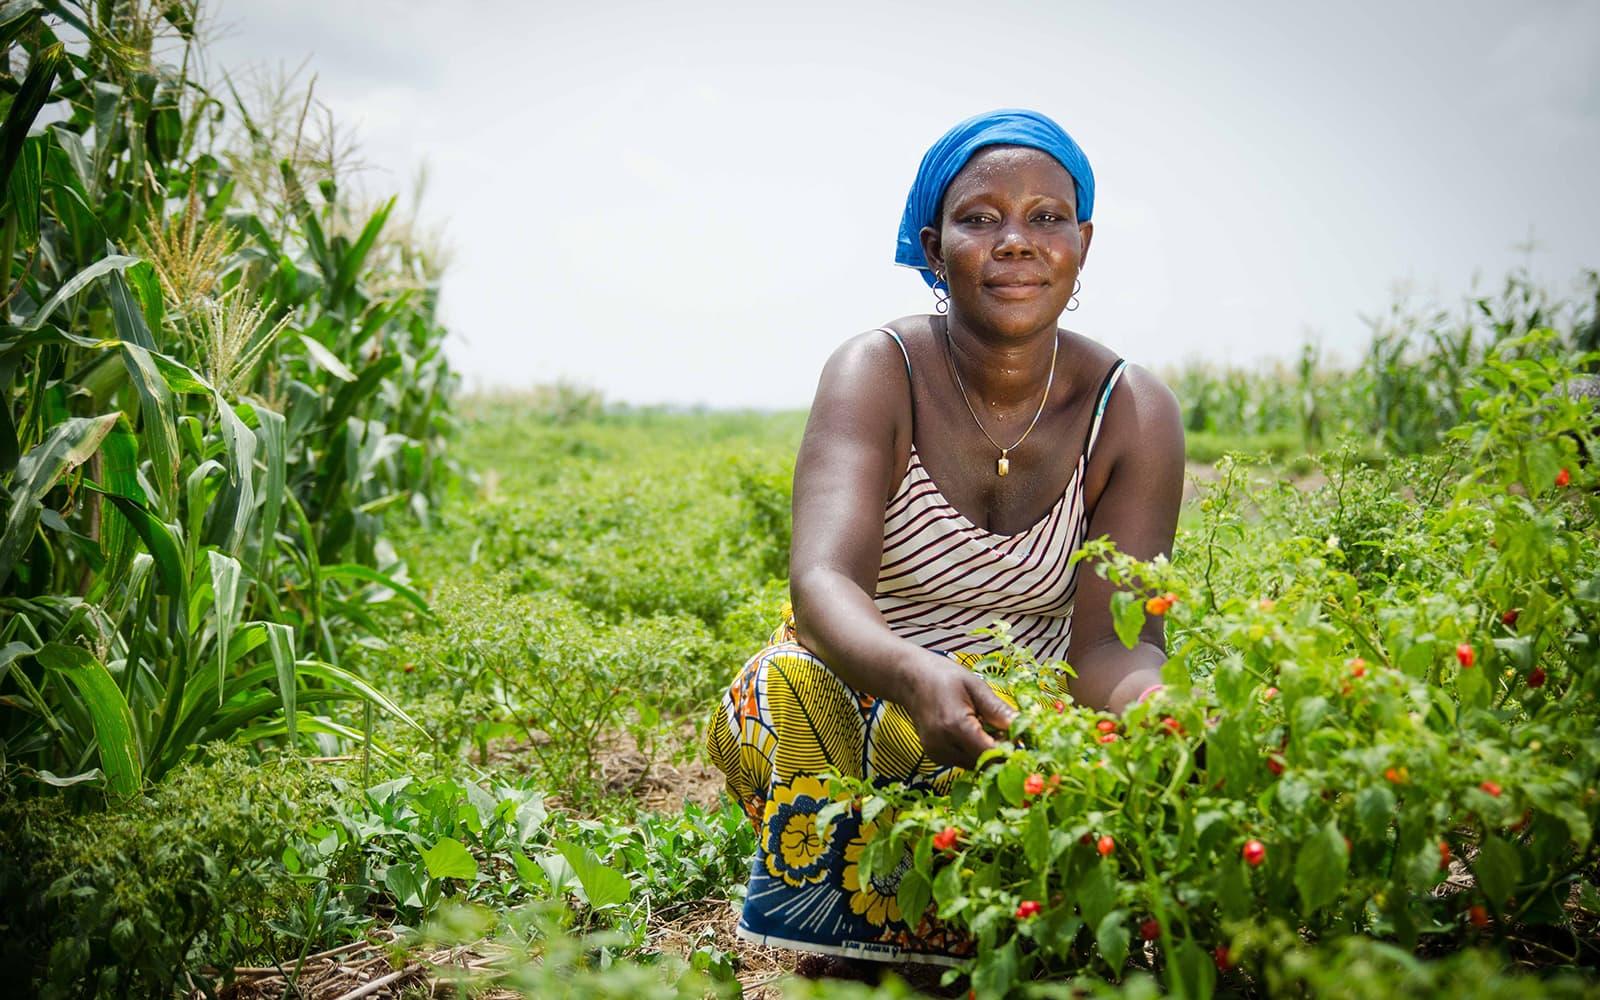 Une femme au Bénin est agenouillée dans son champ et nous montre ses plants dans le cadre d'un projet en agriculture